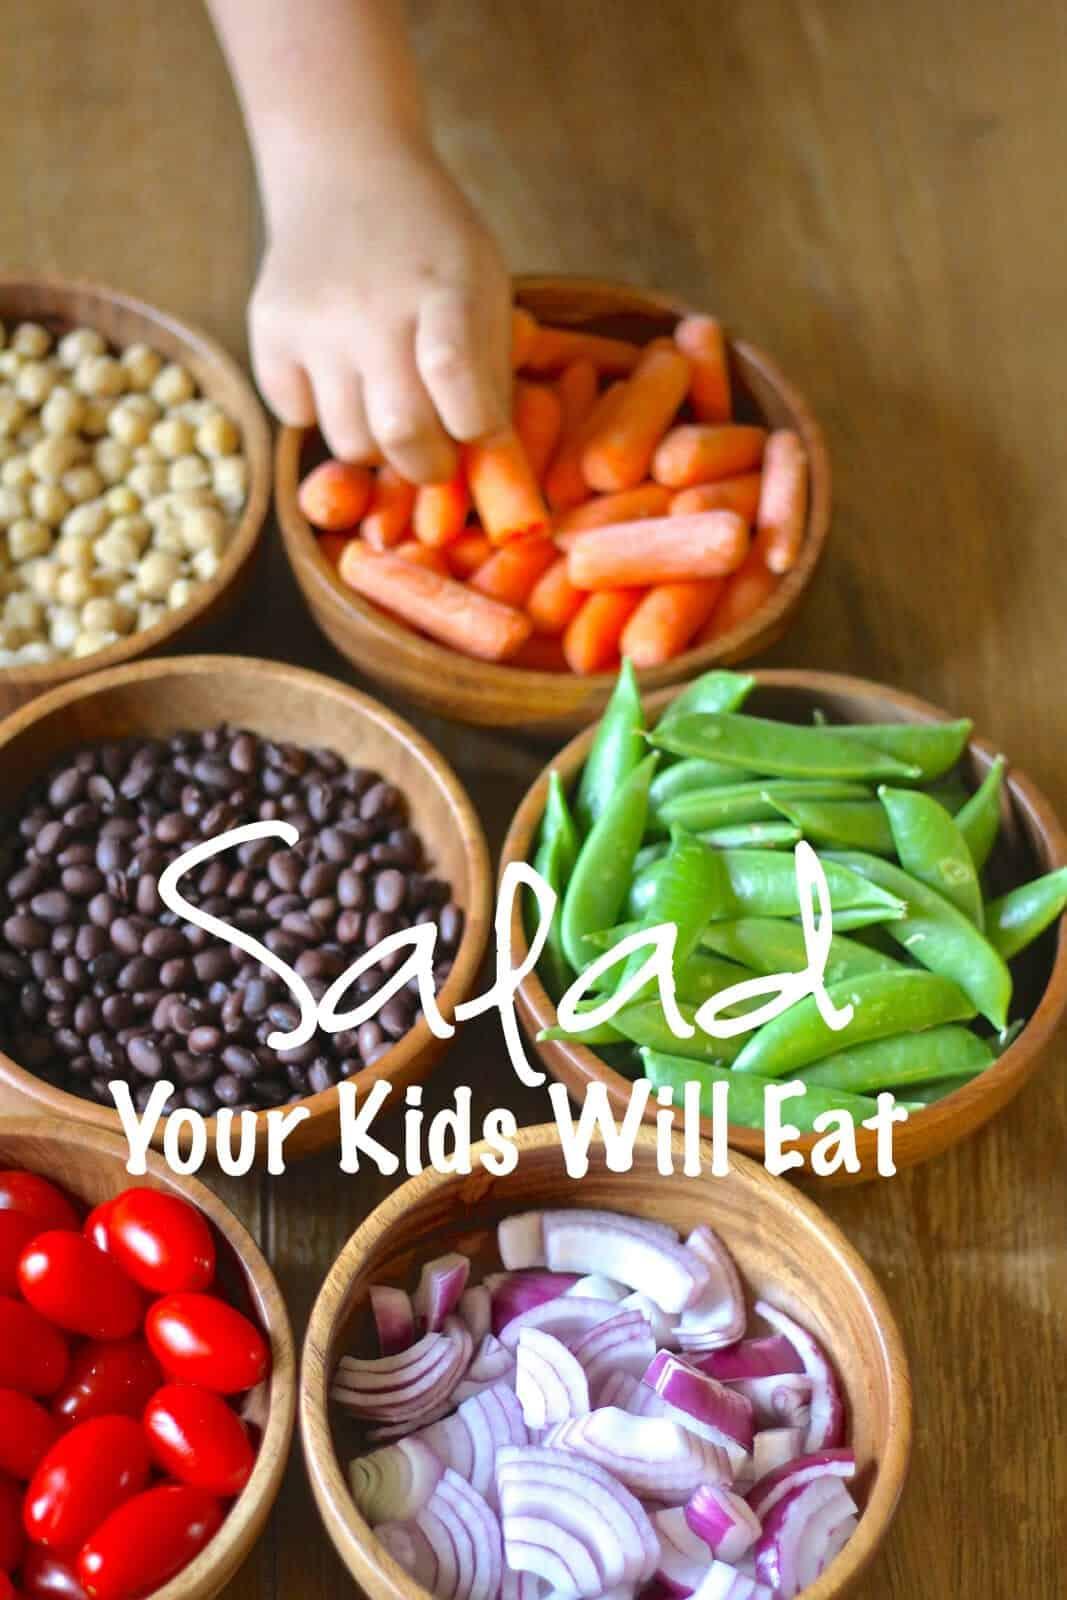 salad, kids